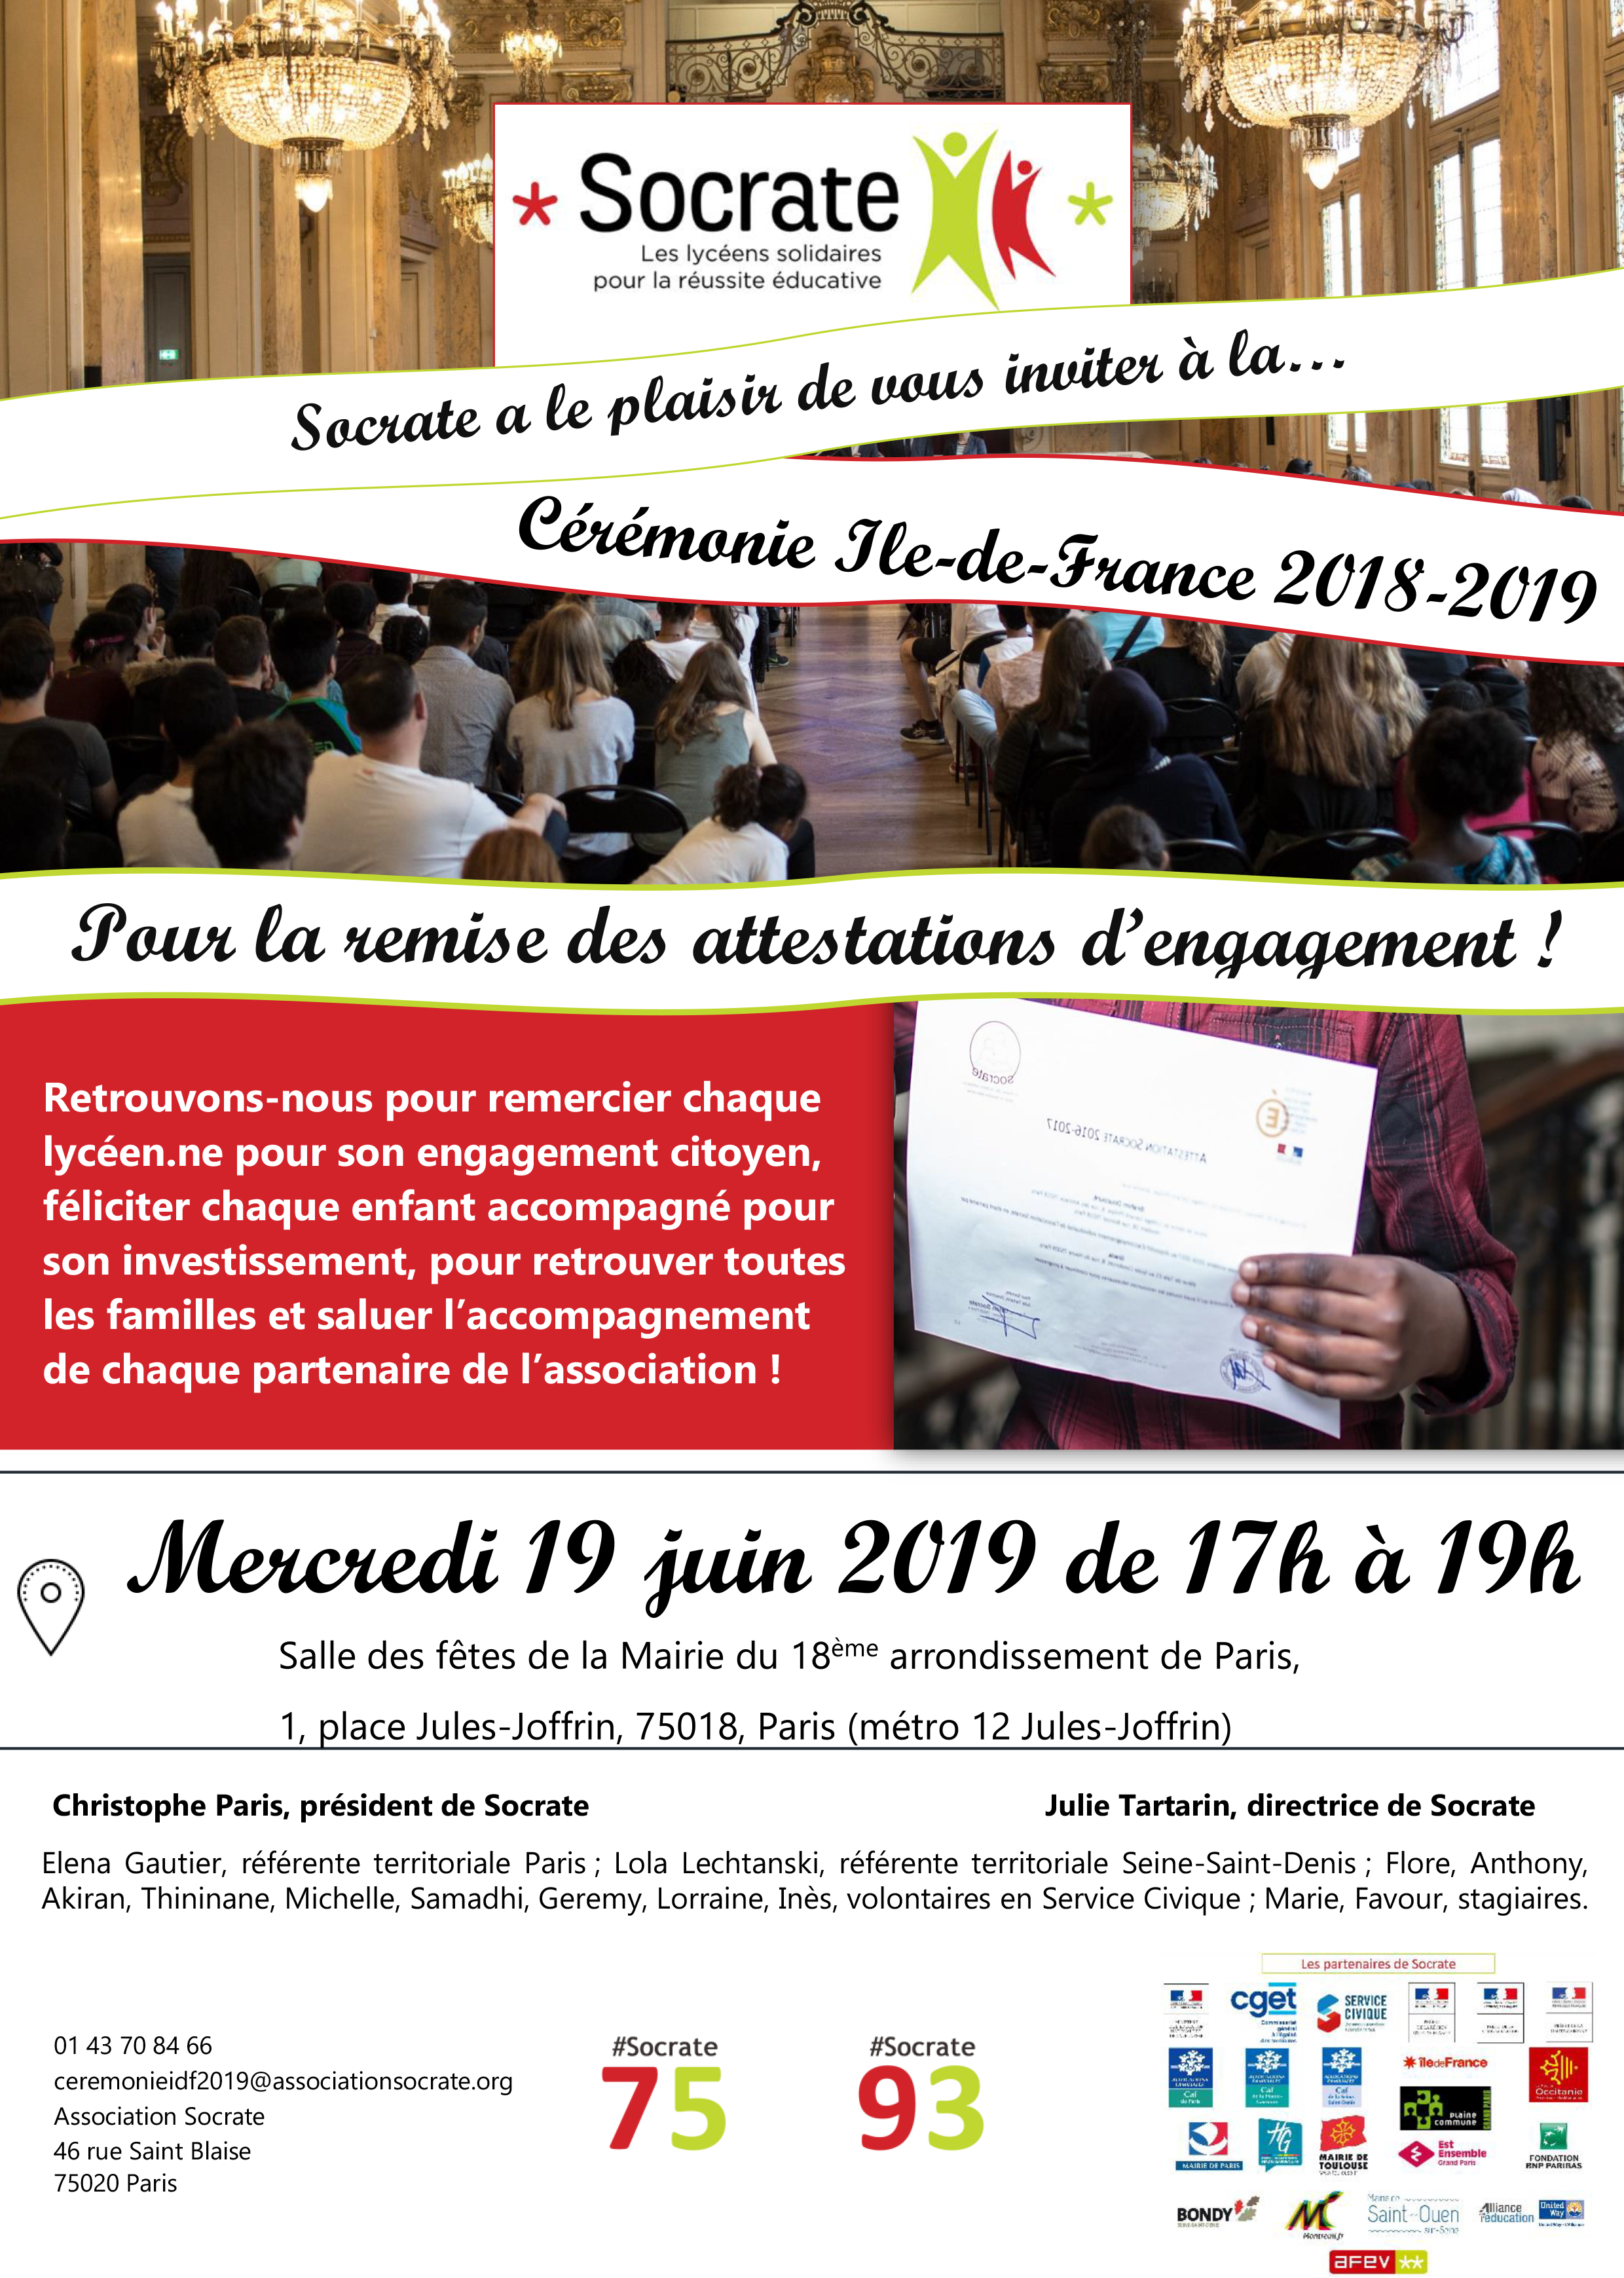 Cérémonie Socrate Ile-de-France